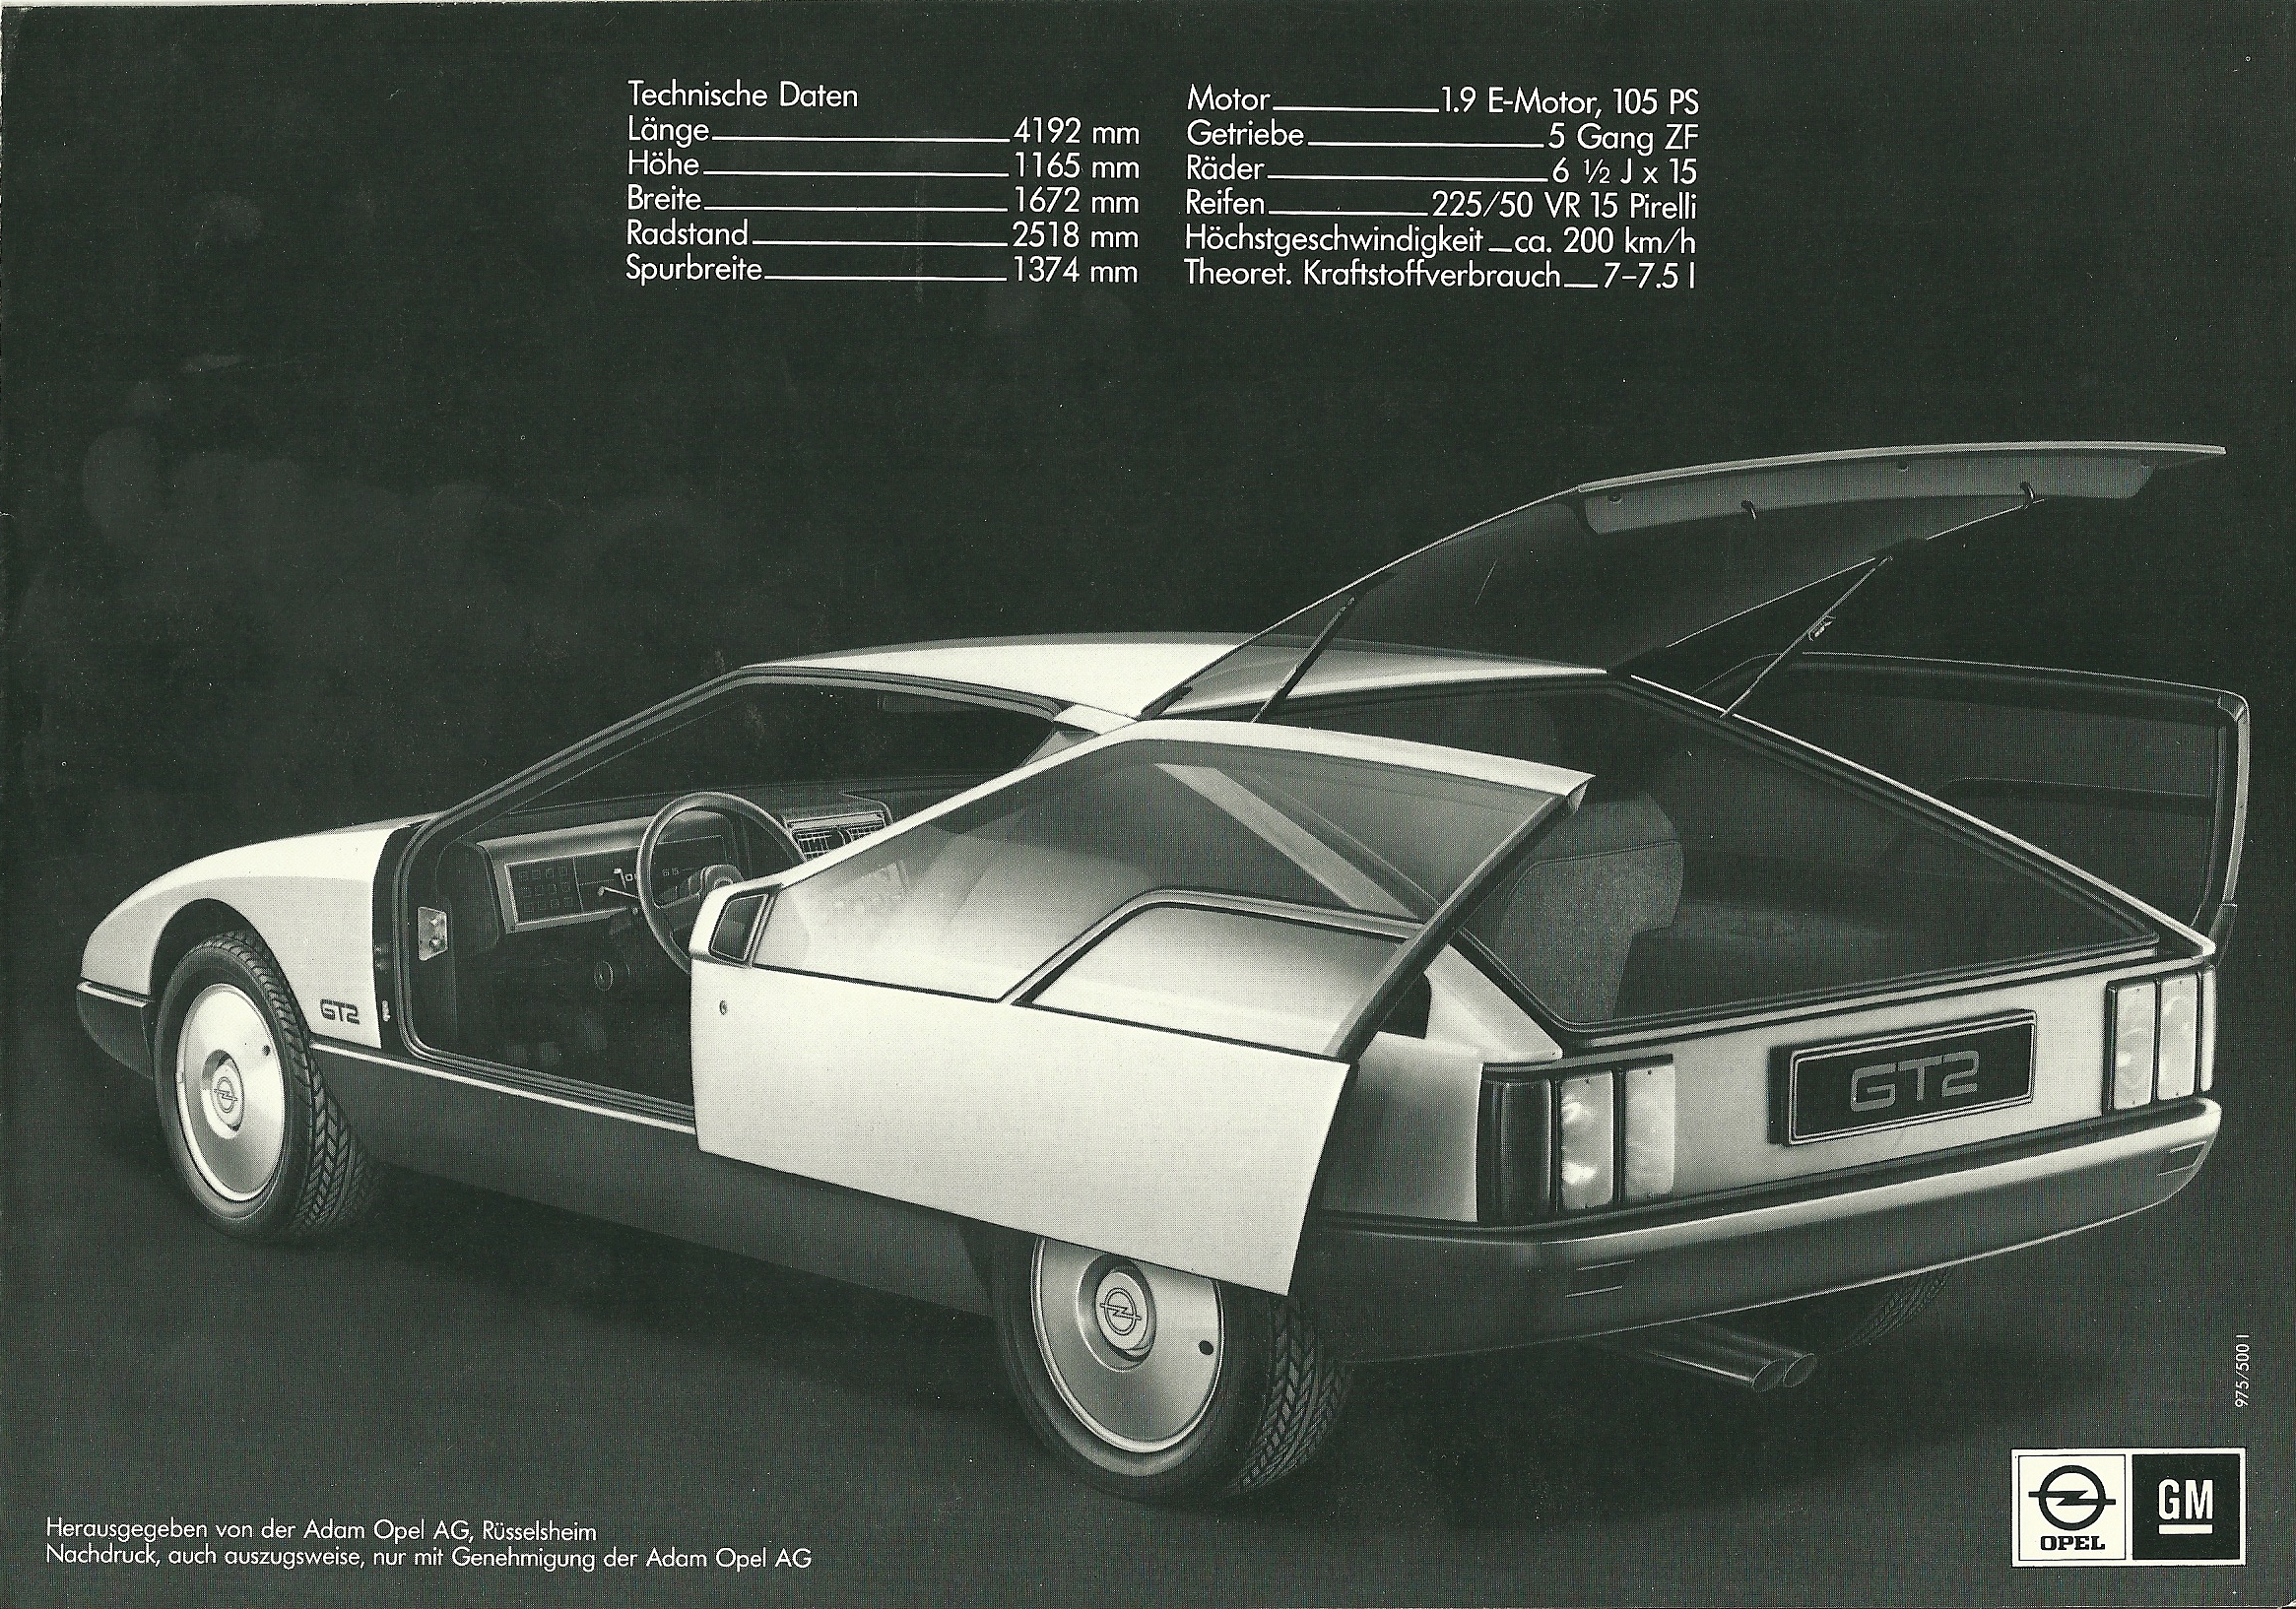 Opel_GT2-0-100_1